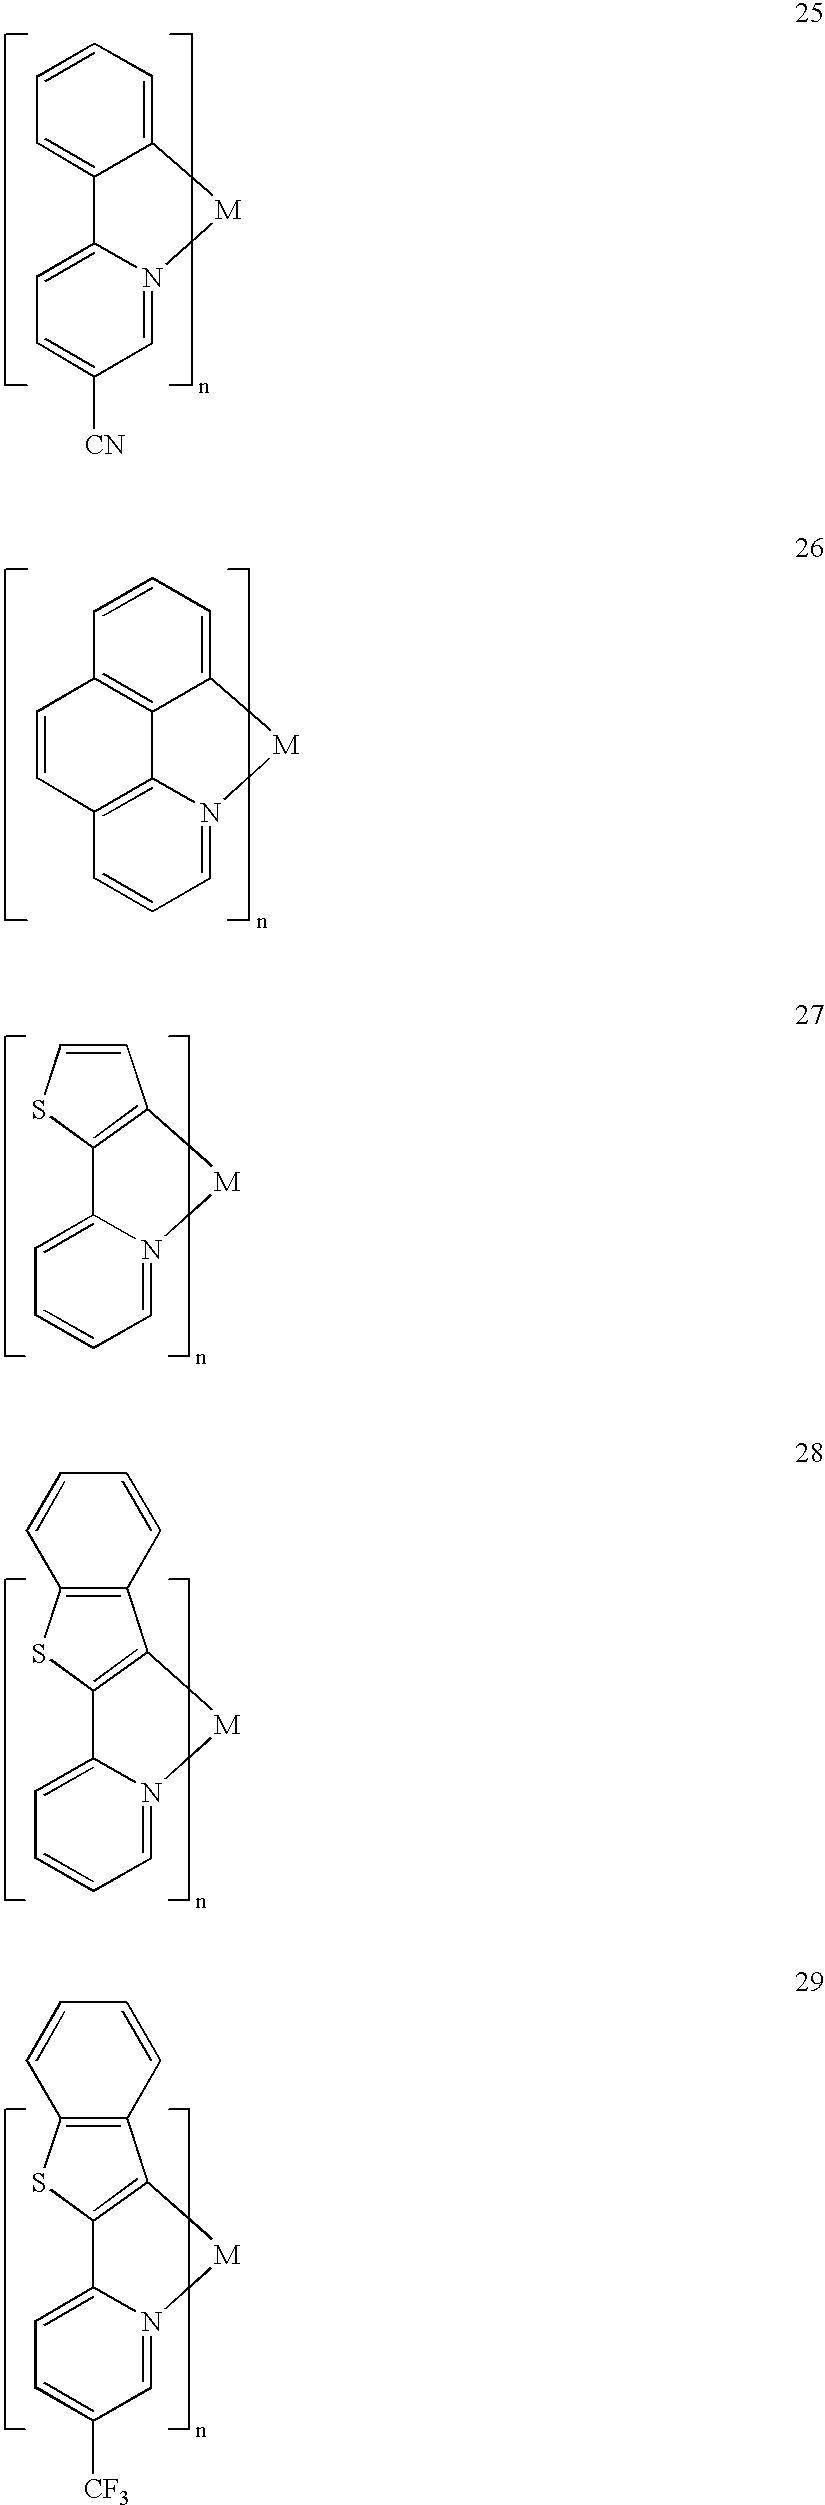 Figure US20030152802A1-20030814-C00011